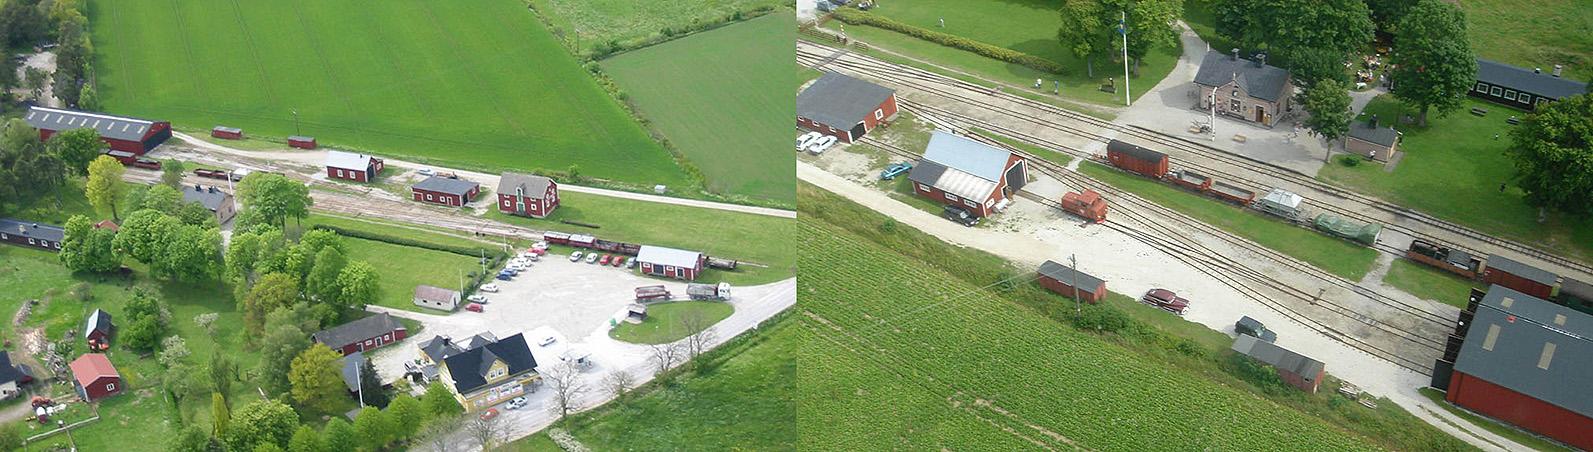 Till vänster: Flygfoto taget från helikopter av Daniel Åhlén den 27 maj 2004 - Till höger: Flygfoto taget med helikopter av Ingemar Ohlsson sommaren 2005